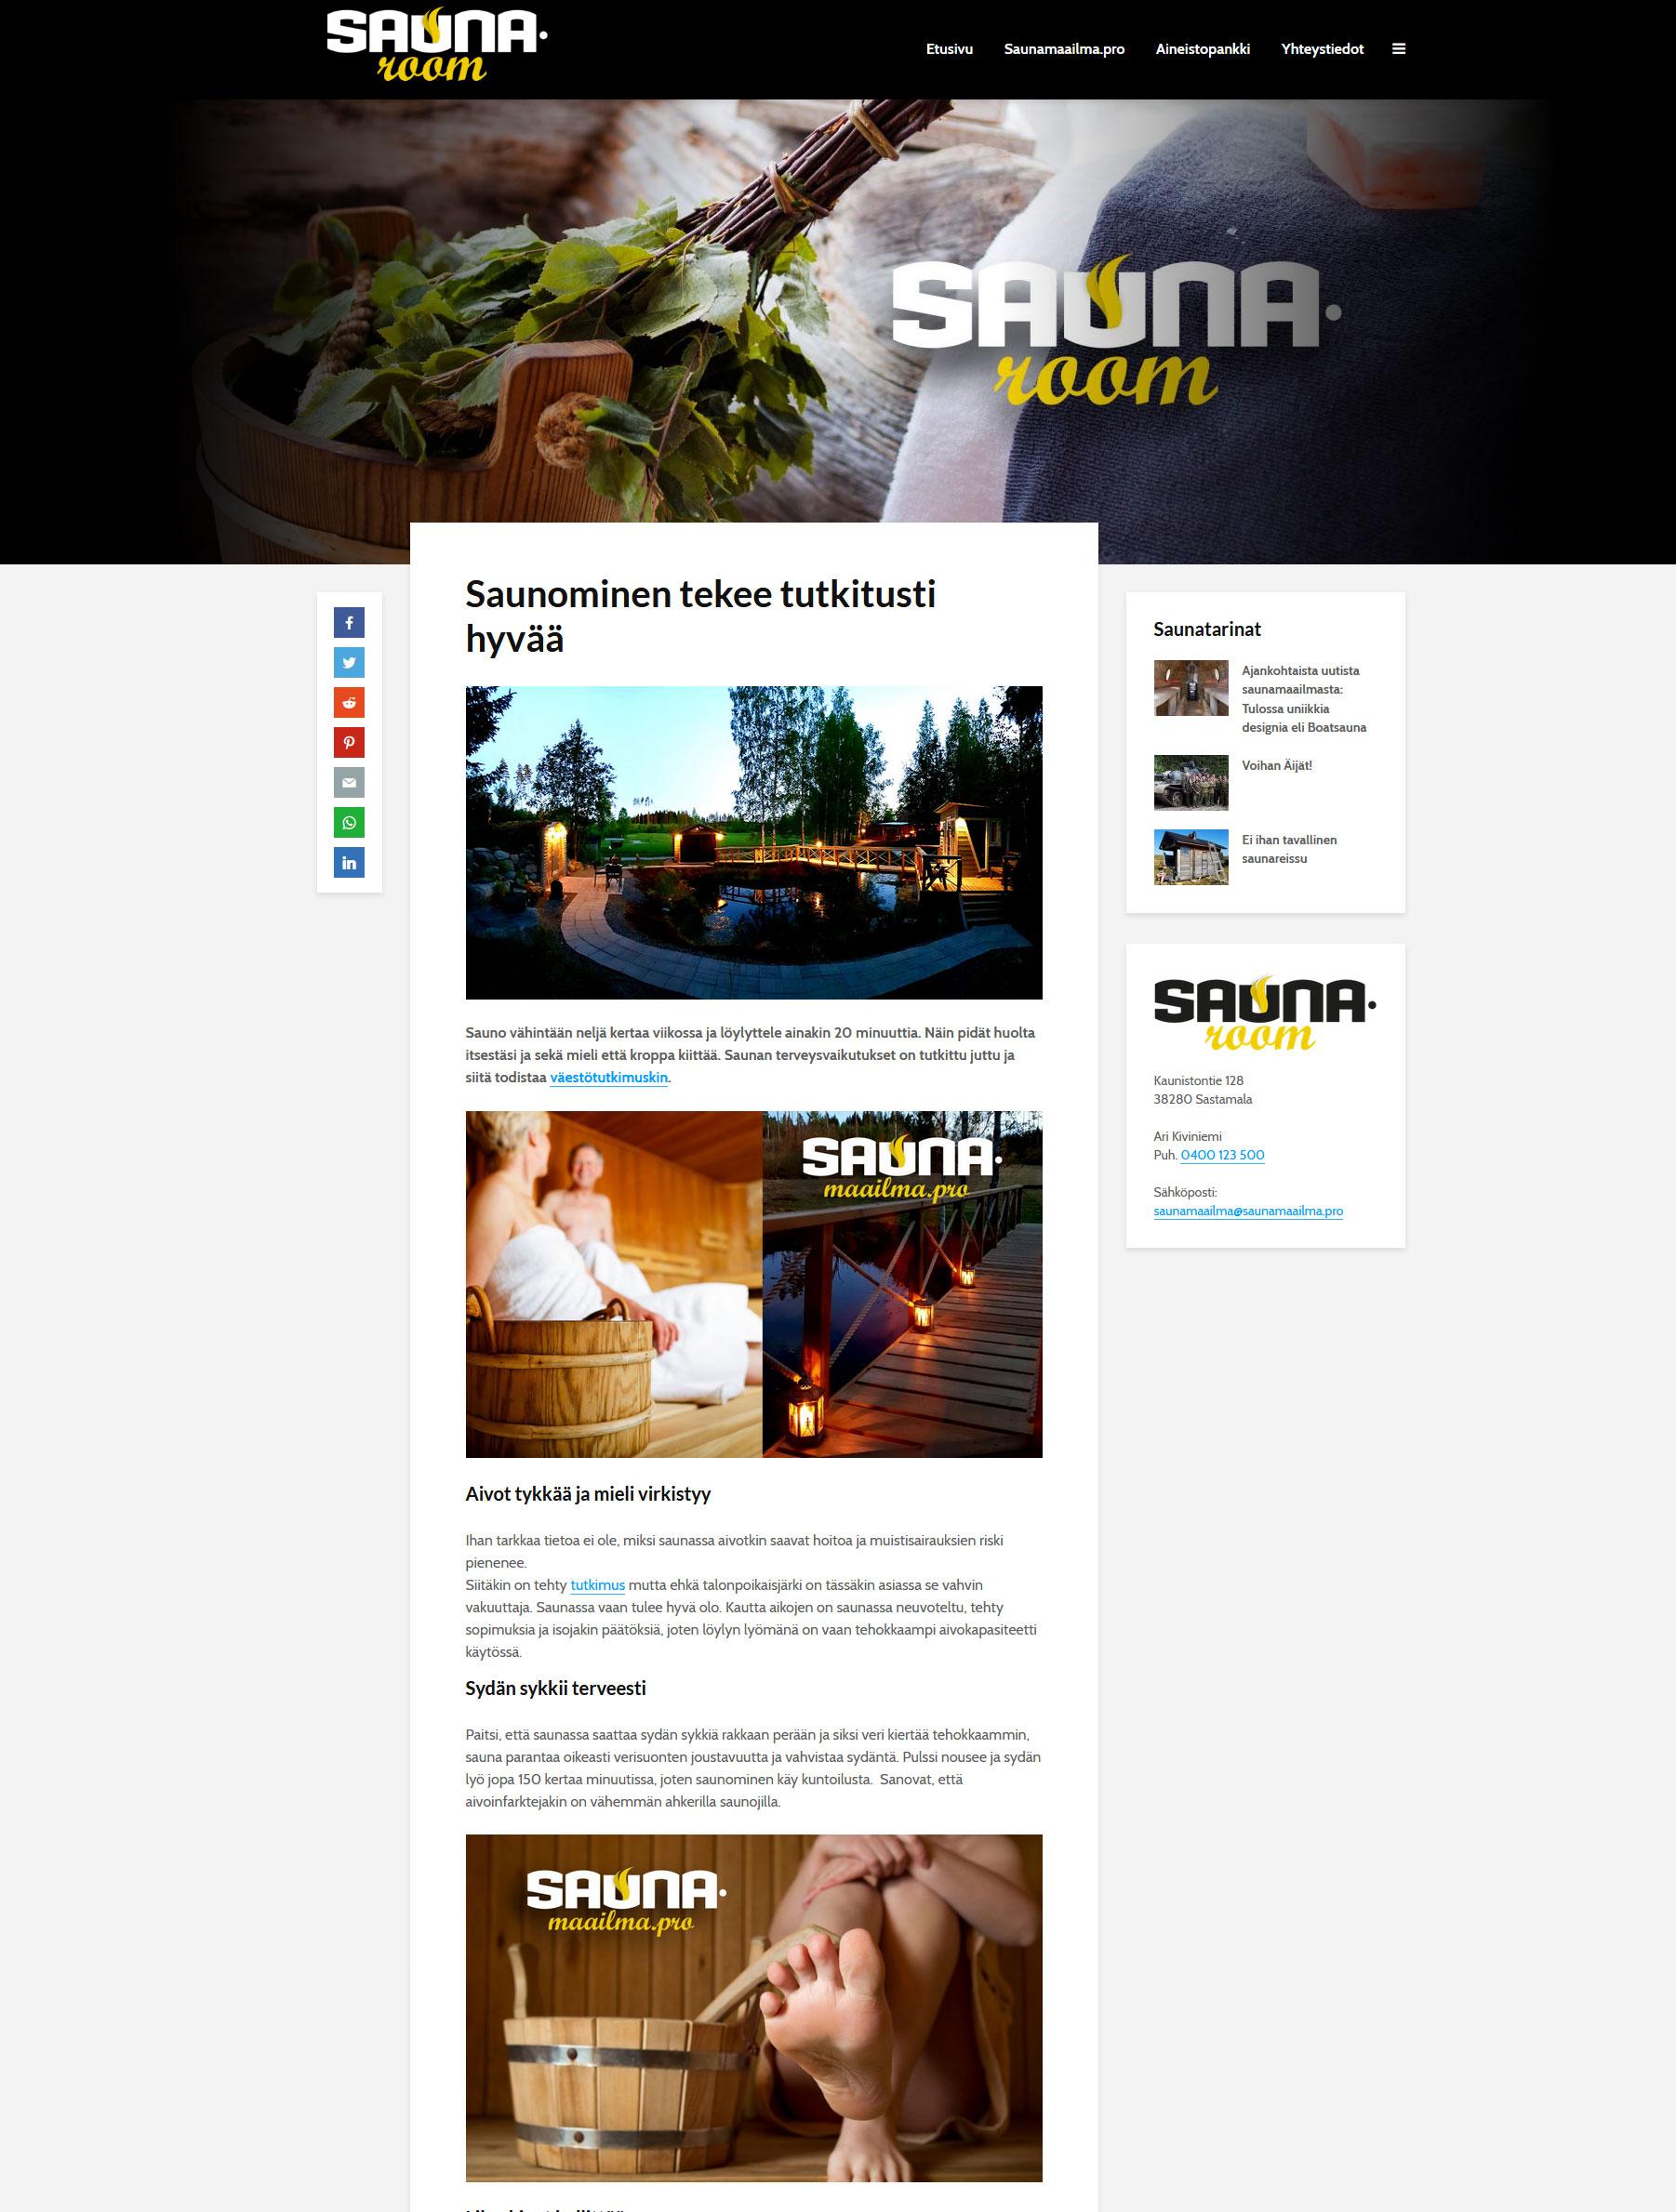 saunamaailma-pro-saunaroom-kotisivut-verkkosivut-laadukkaasti-laadukkaat-webtalo-jips-suurkuva-3